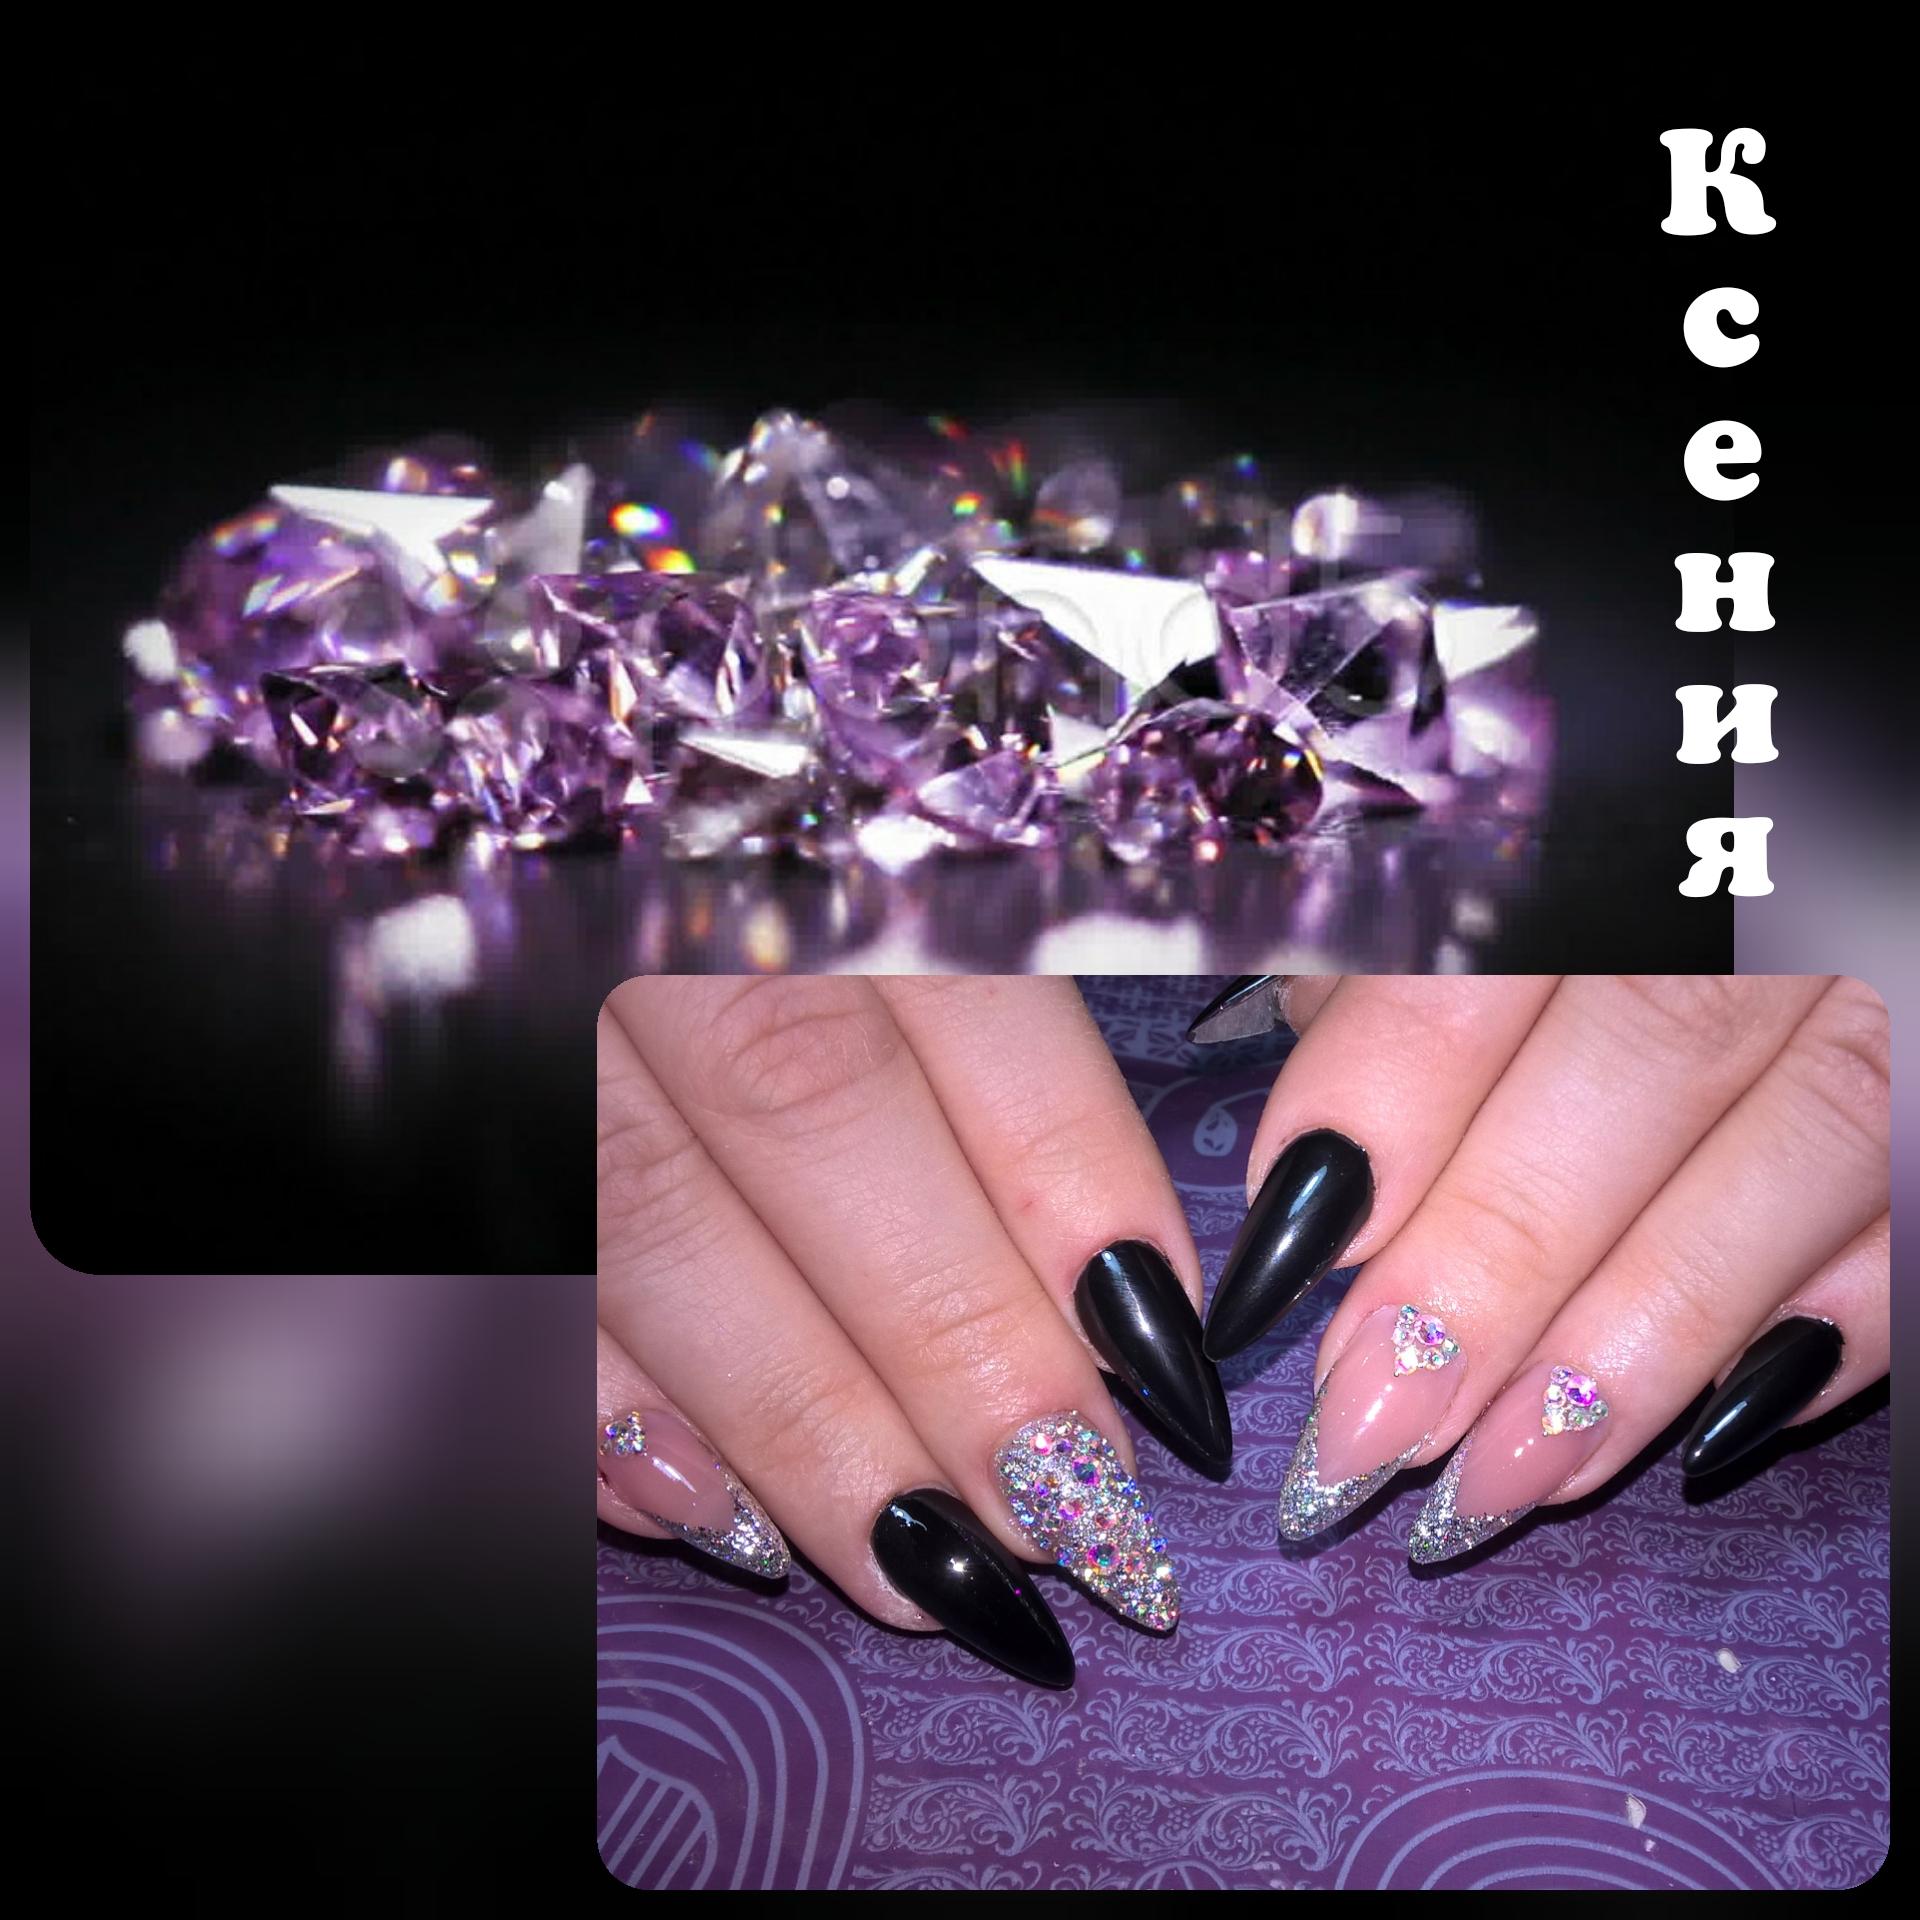 Маникюр в чёрном цвете с нюдовым дизайном, серебряными блёстками и стразами.